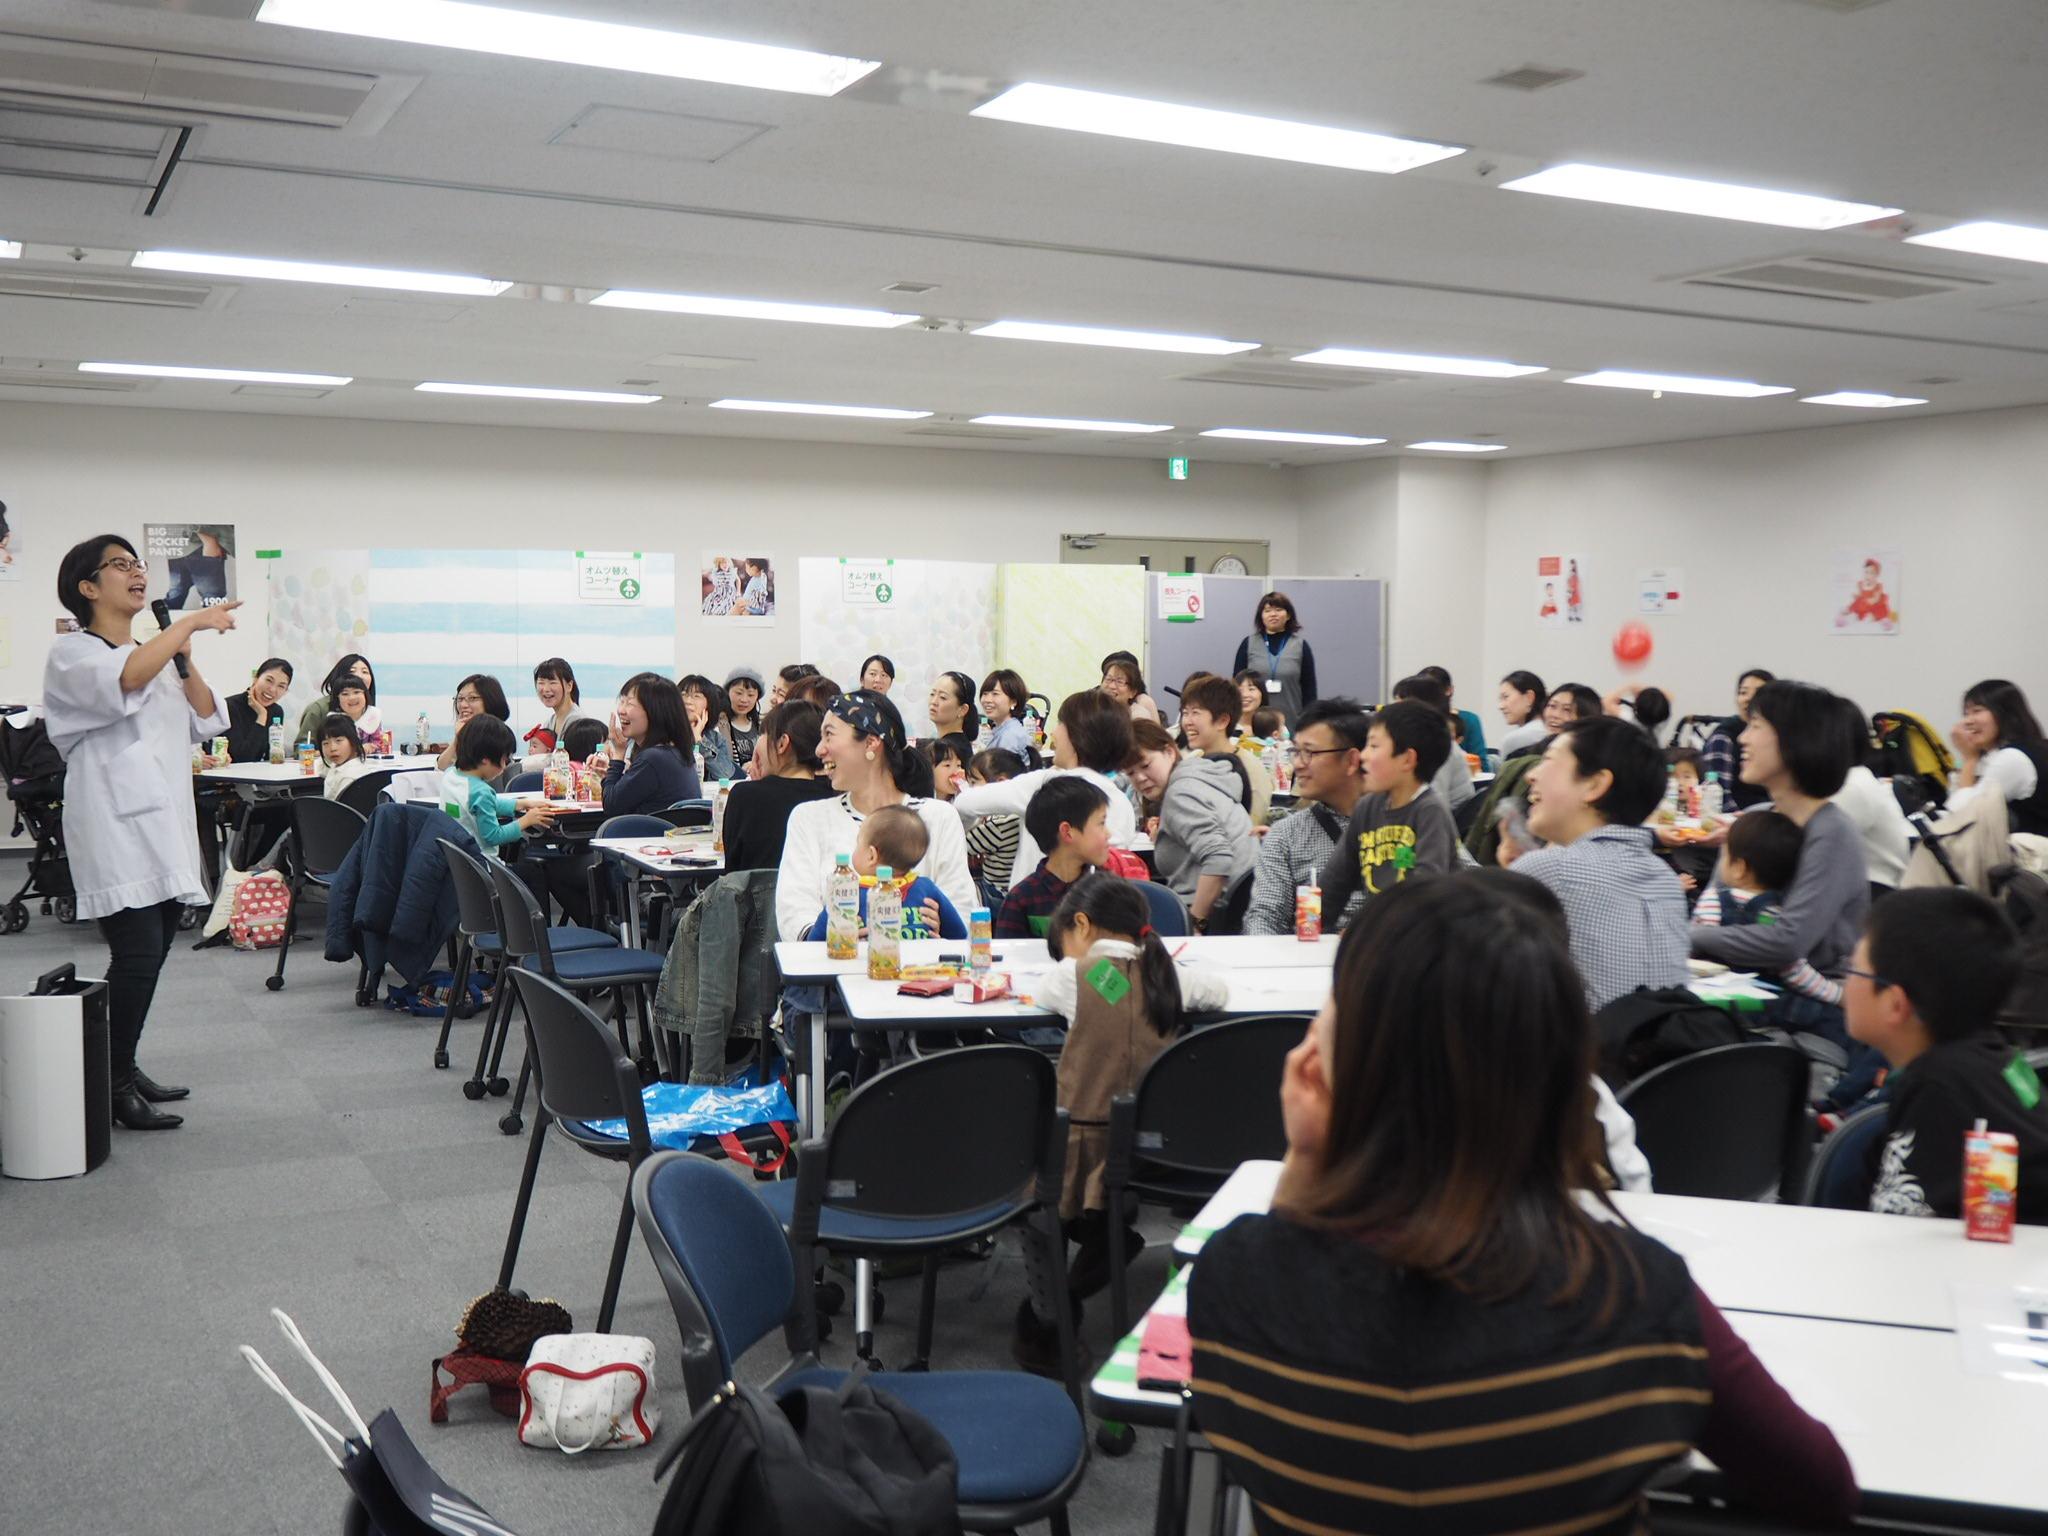 【開催レポ】3月4日(日)神戸初開催!くわばたりえさんの「出張!メガネのママ友会in神戸」無事に終了しました!